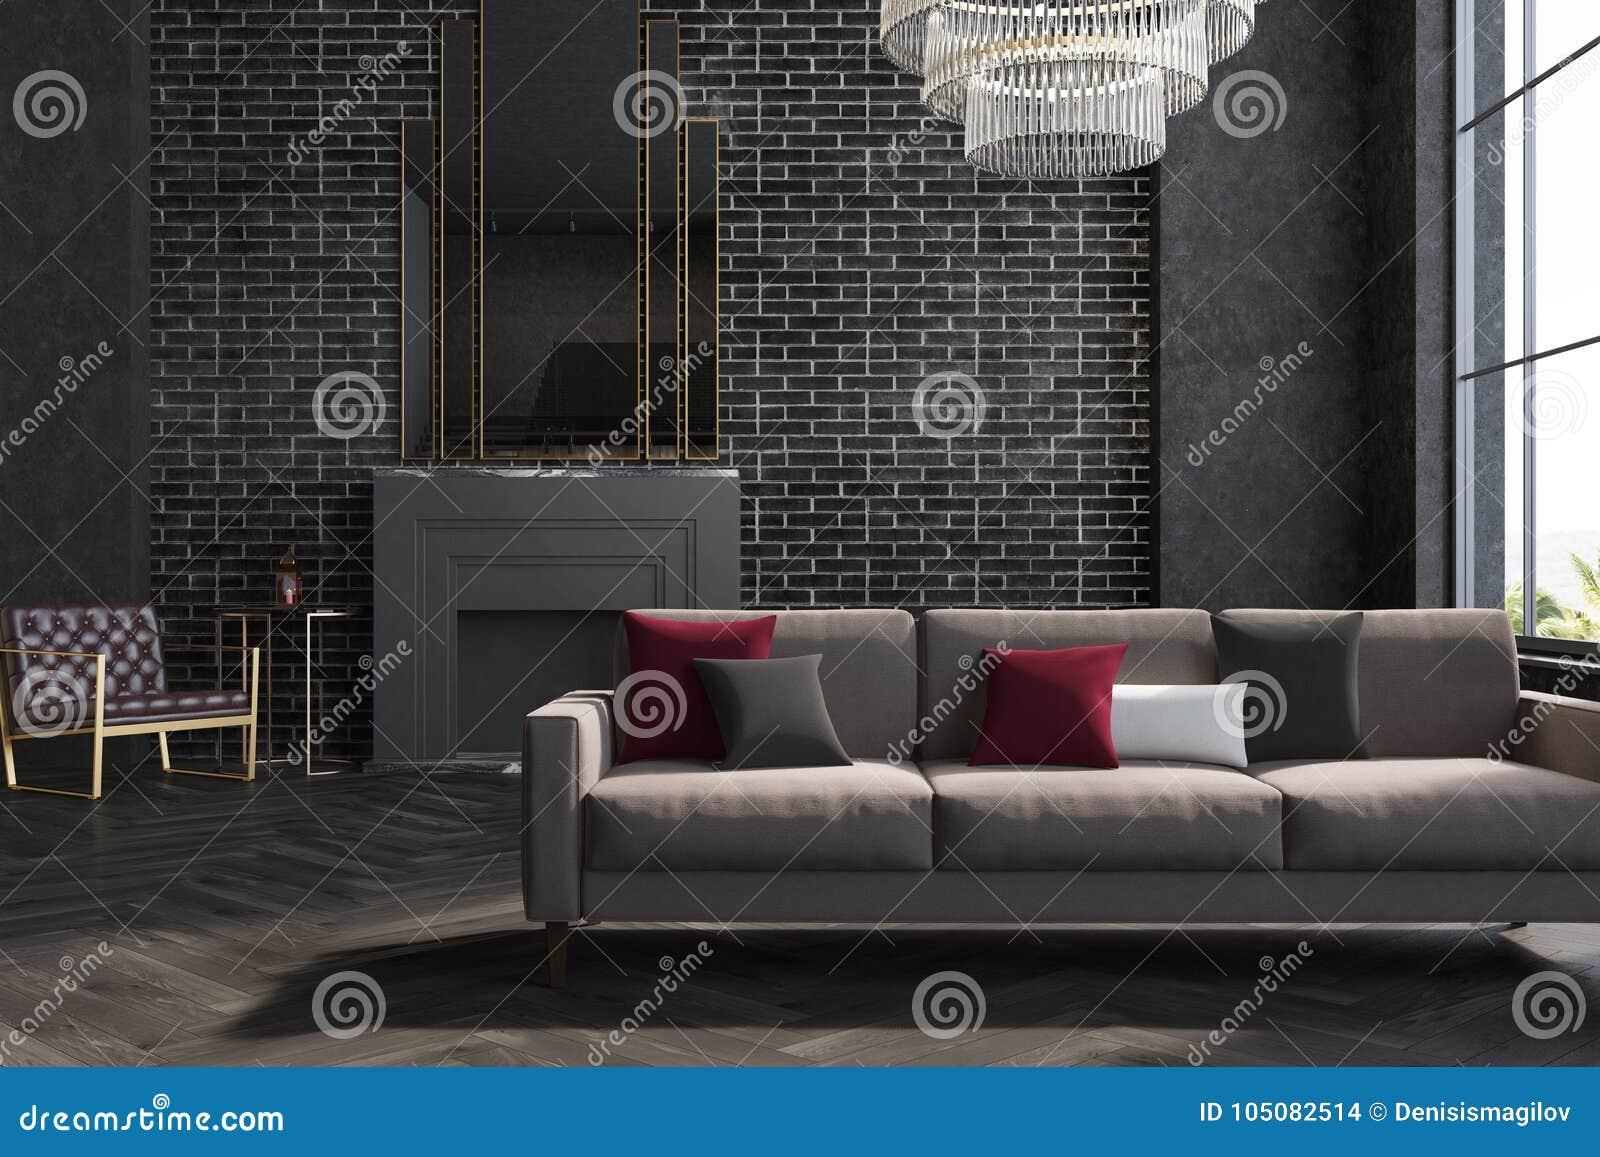 Salon Noir De Mur De Briques Sofa Cheminee Illustration Stock Illustration Du Noir Cheminee 105082514